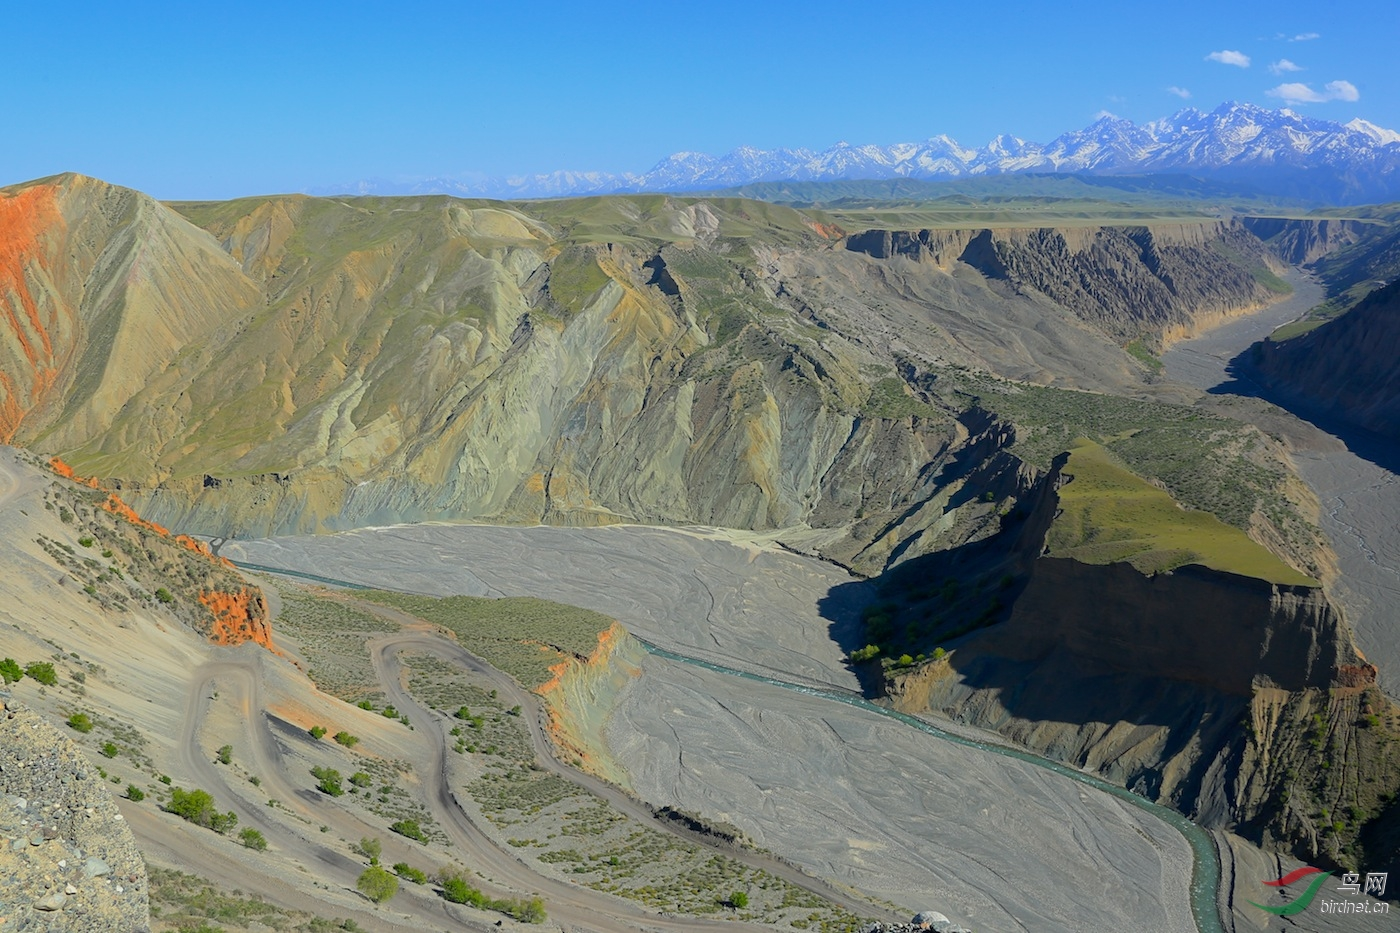 独山子大峡谷位于新疆克拉玛依市独山子区